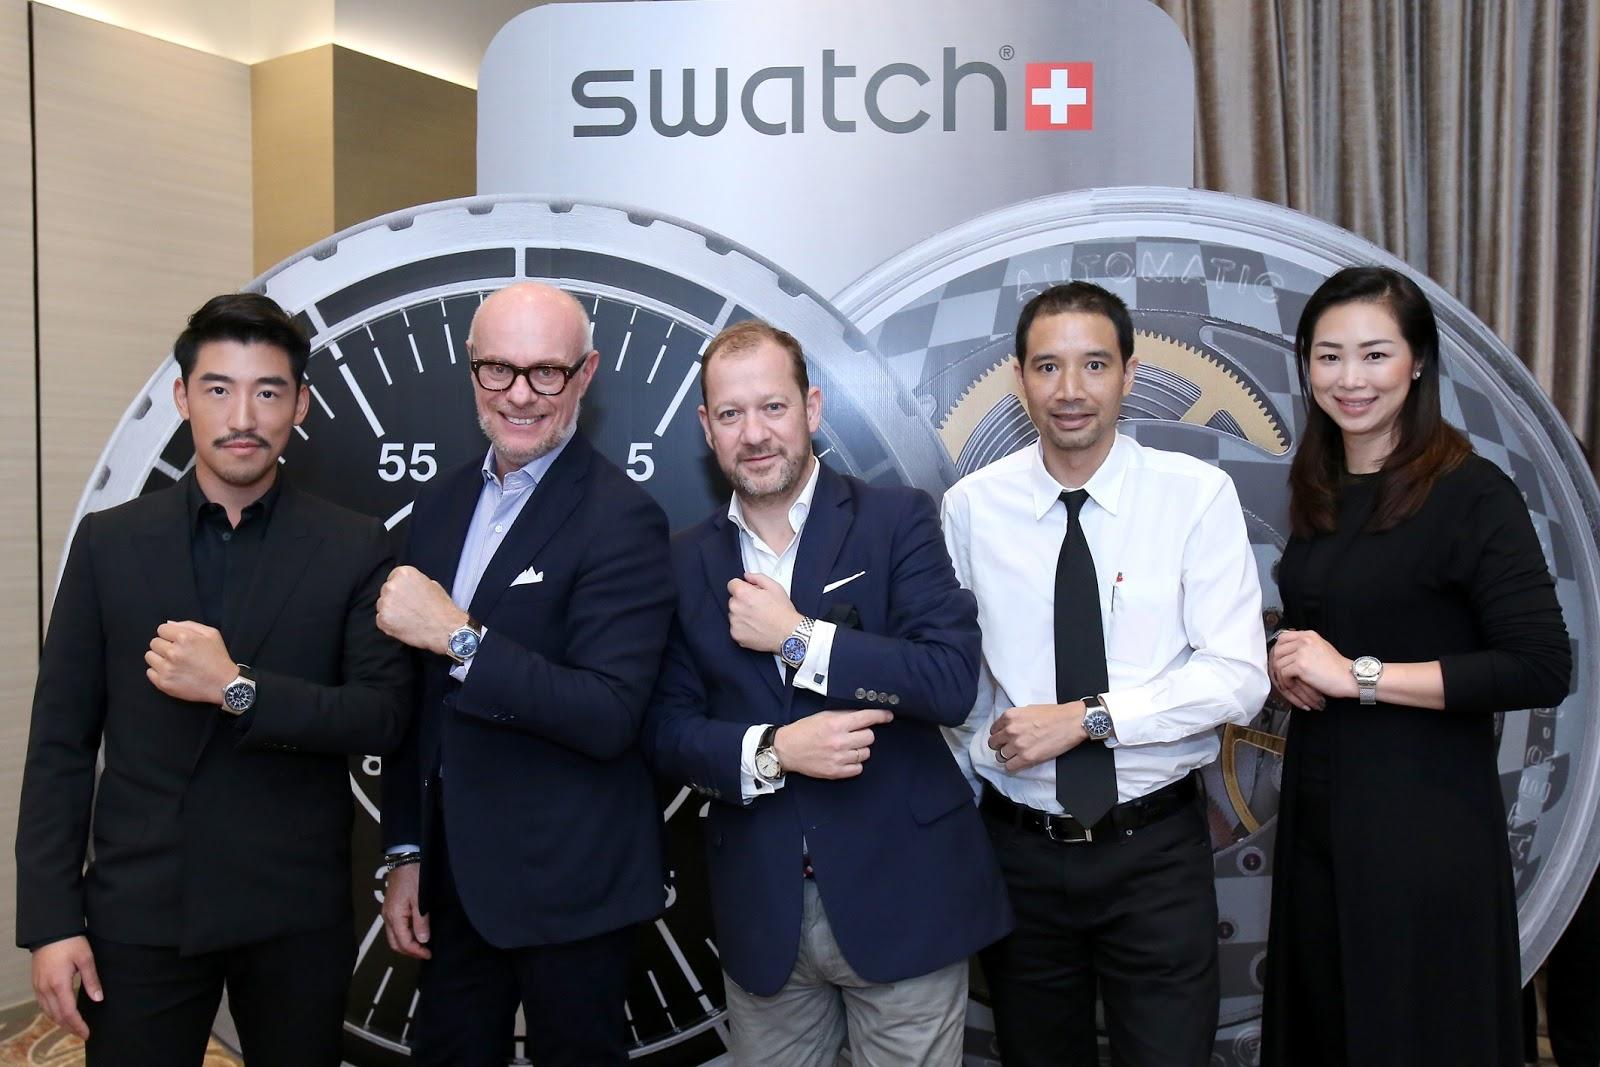 http://www.bangkokexpress.net/news/science-technology-innovation